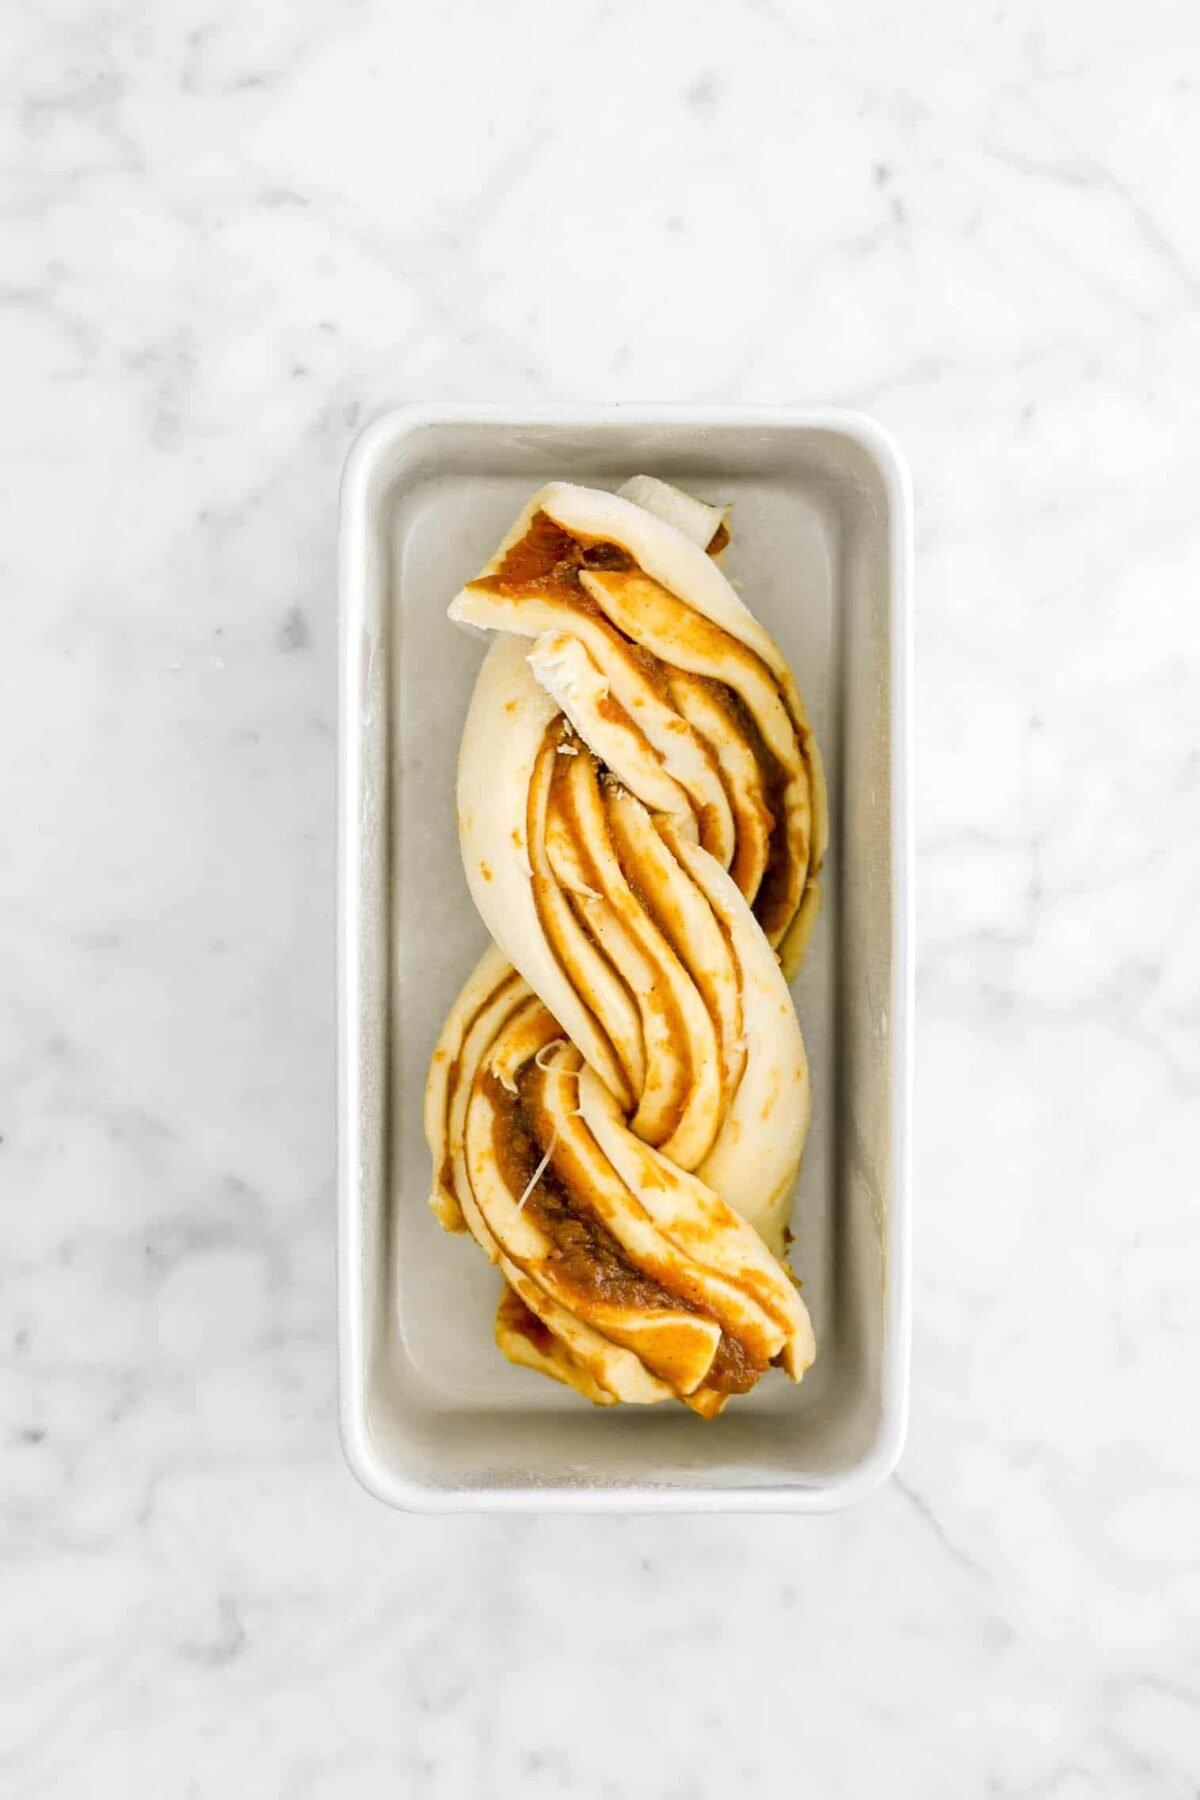 babka in rectangle loaf pan